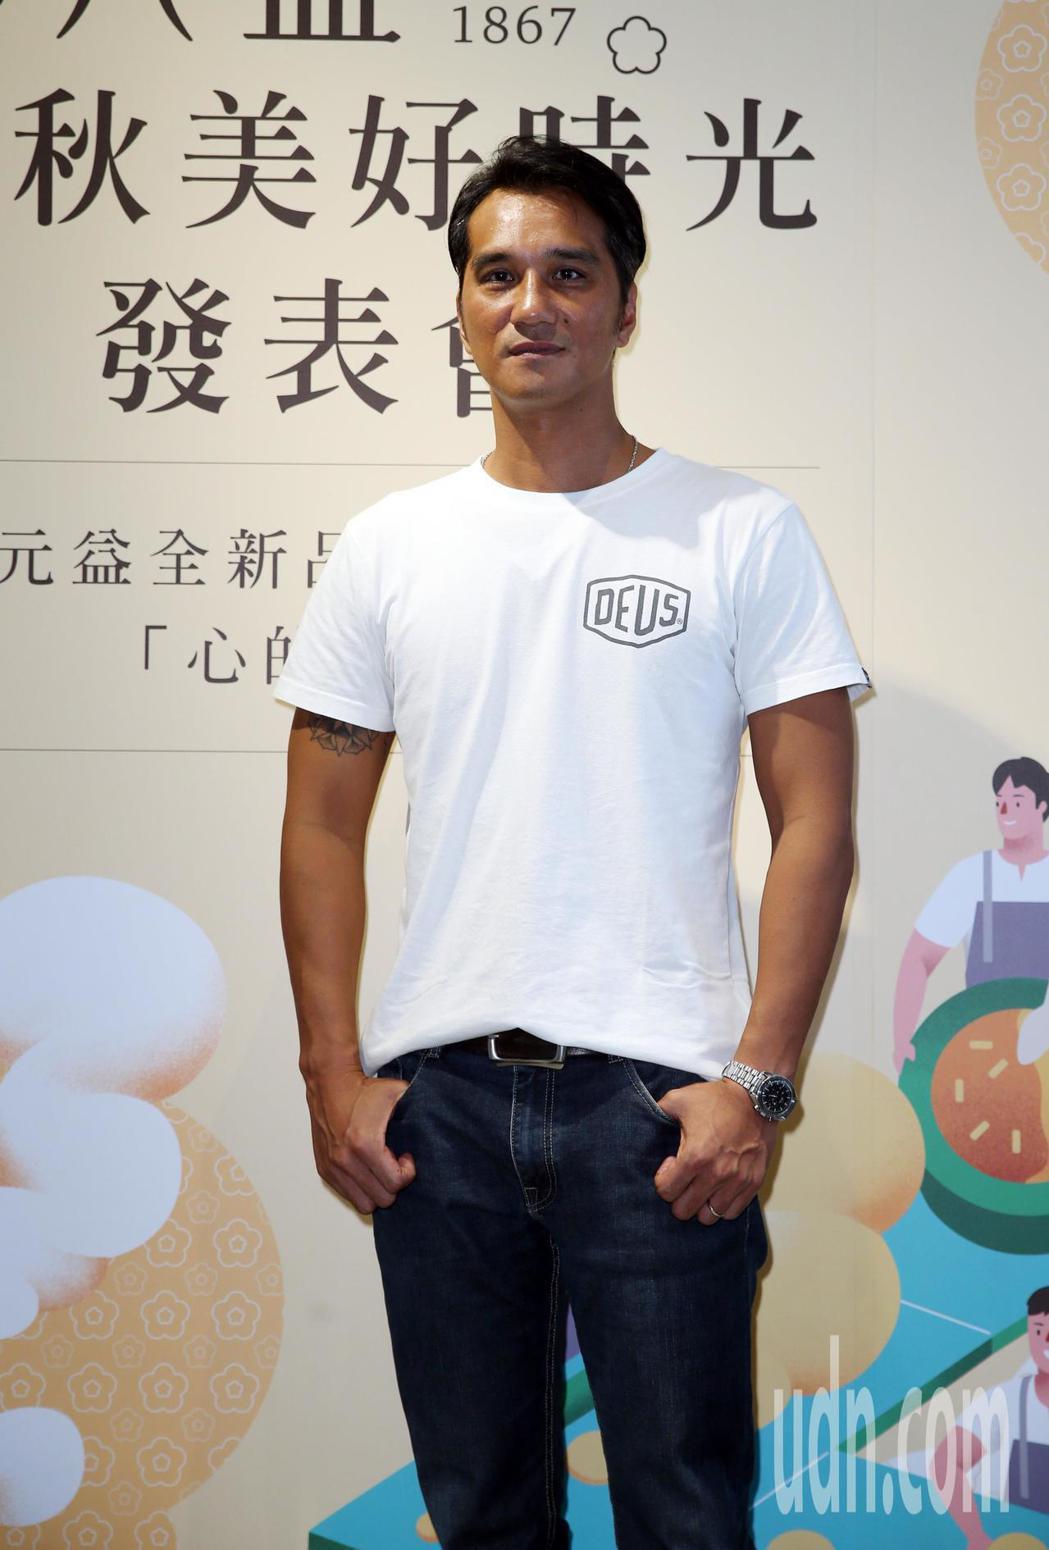 馬志翔下午出席郭元益「心的溫度」首映暨秋節客製化品評會。記者曾吉松/攝影